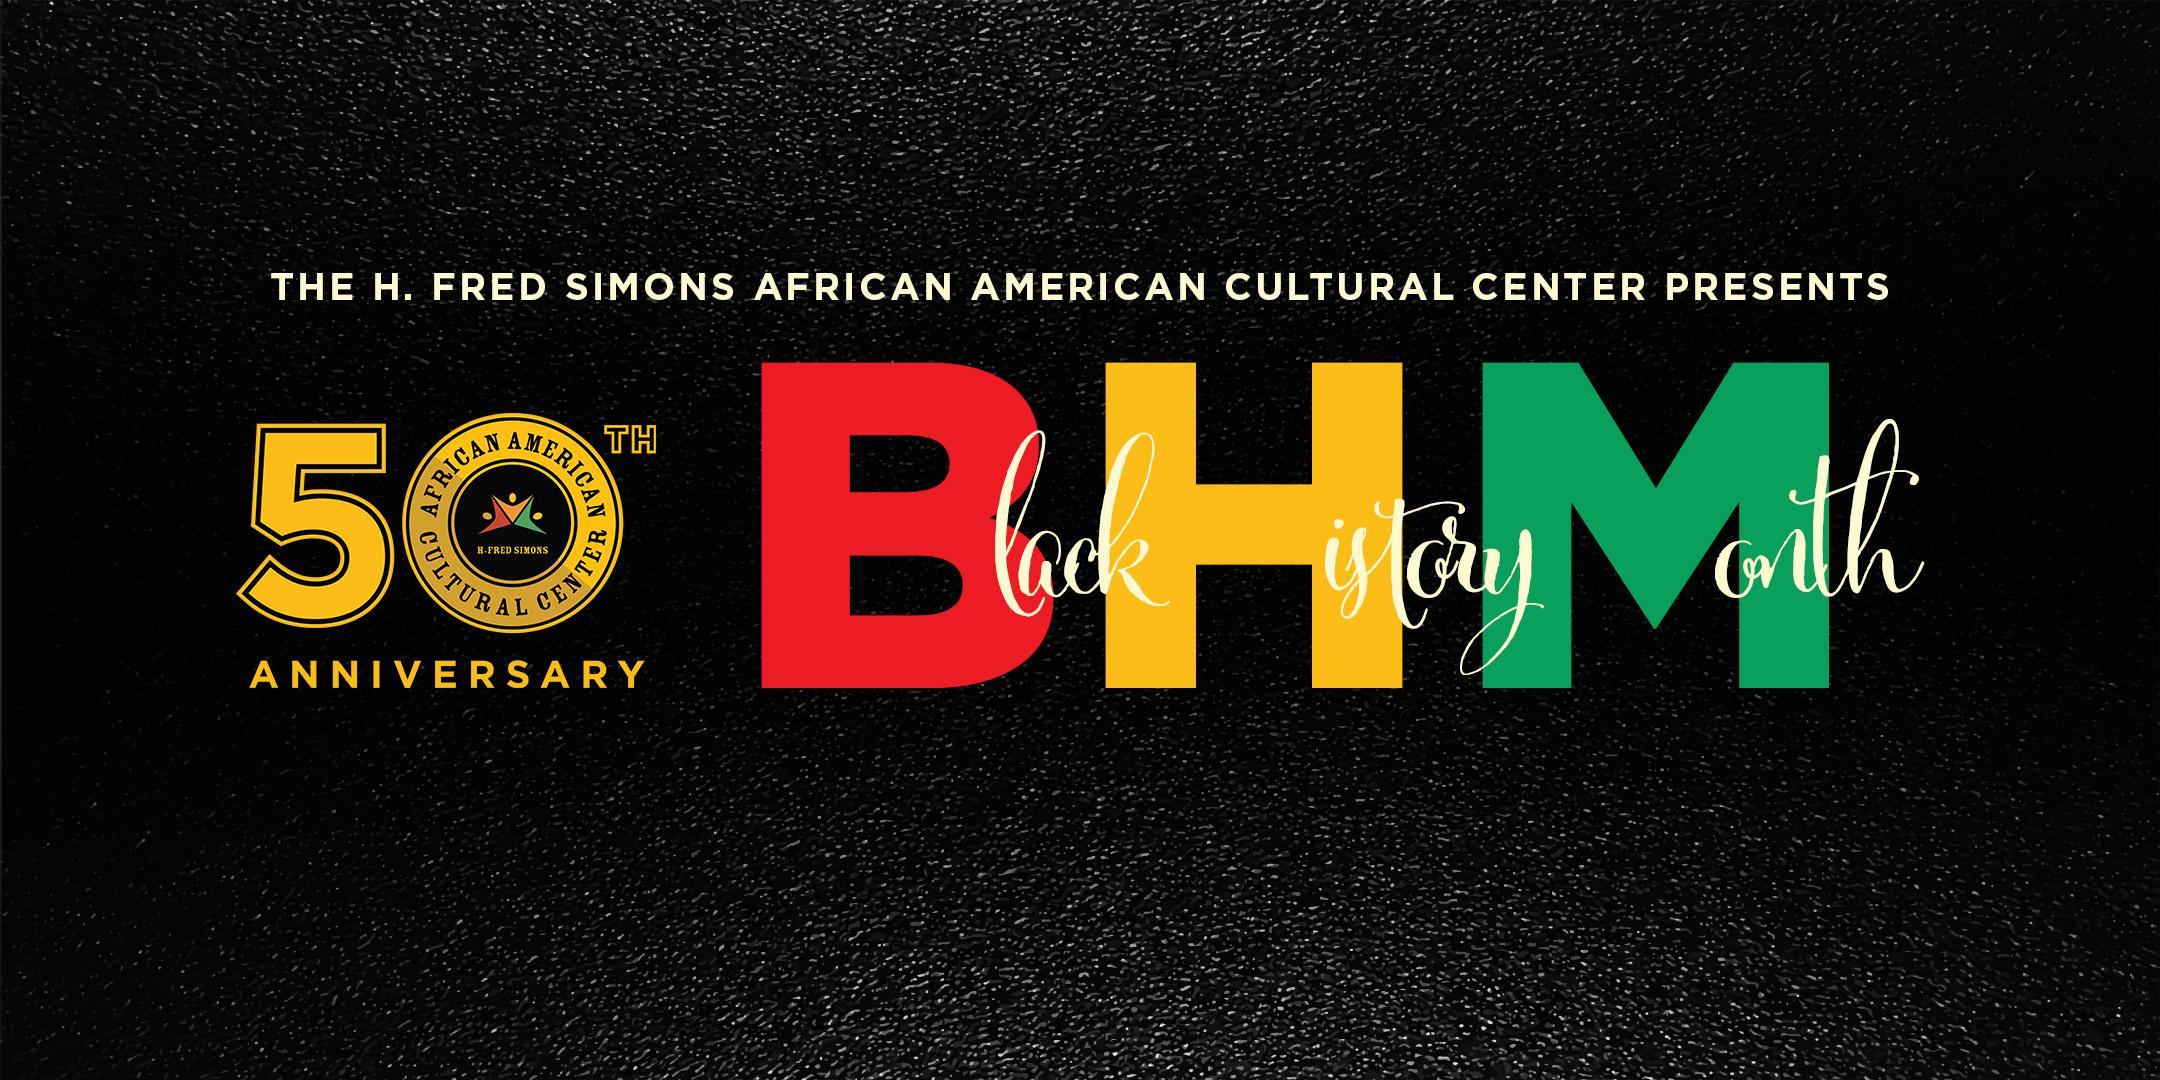 UConn African American Cultural Center Website Header Black History Month